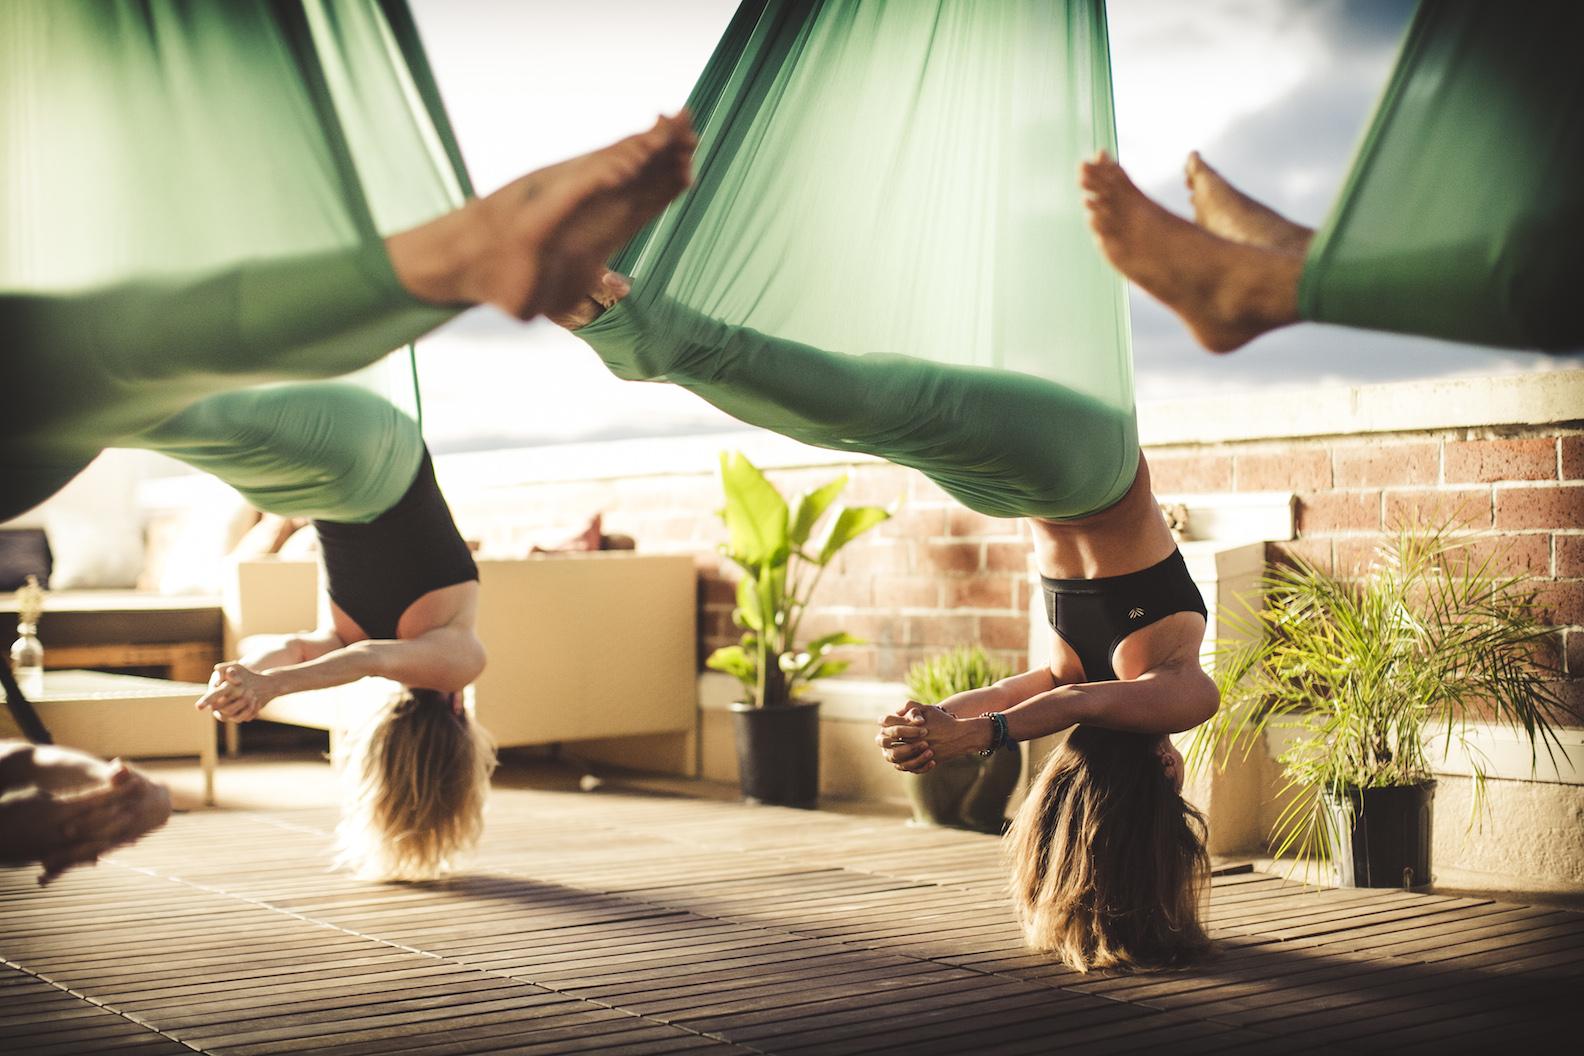 Aerial Yoga Picture